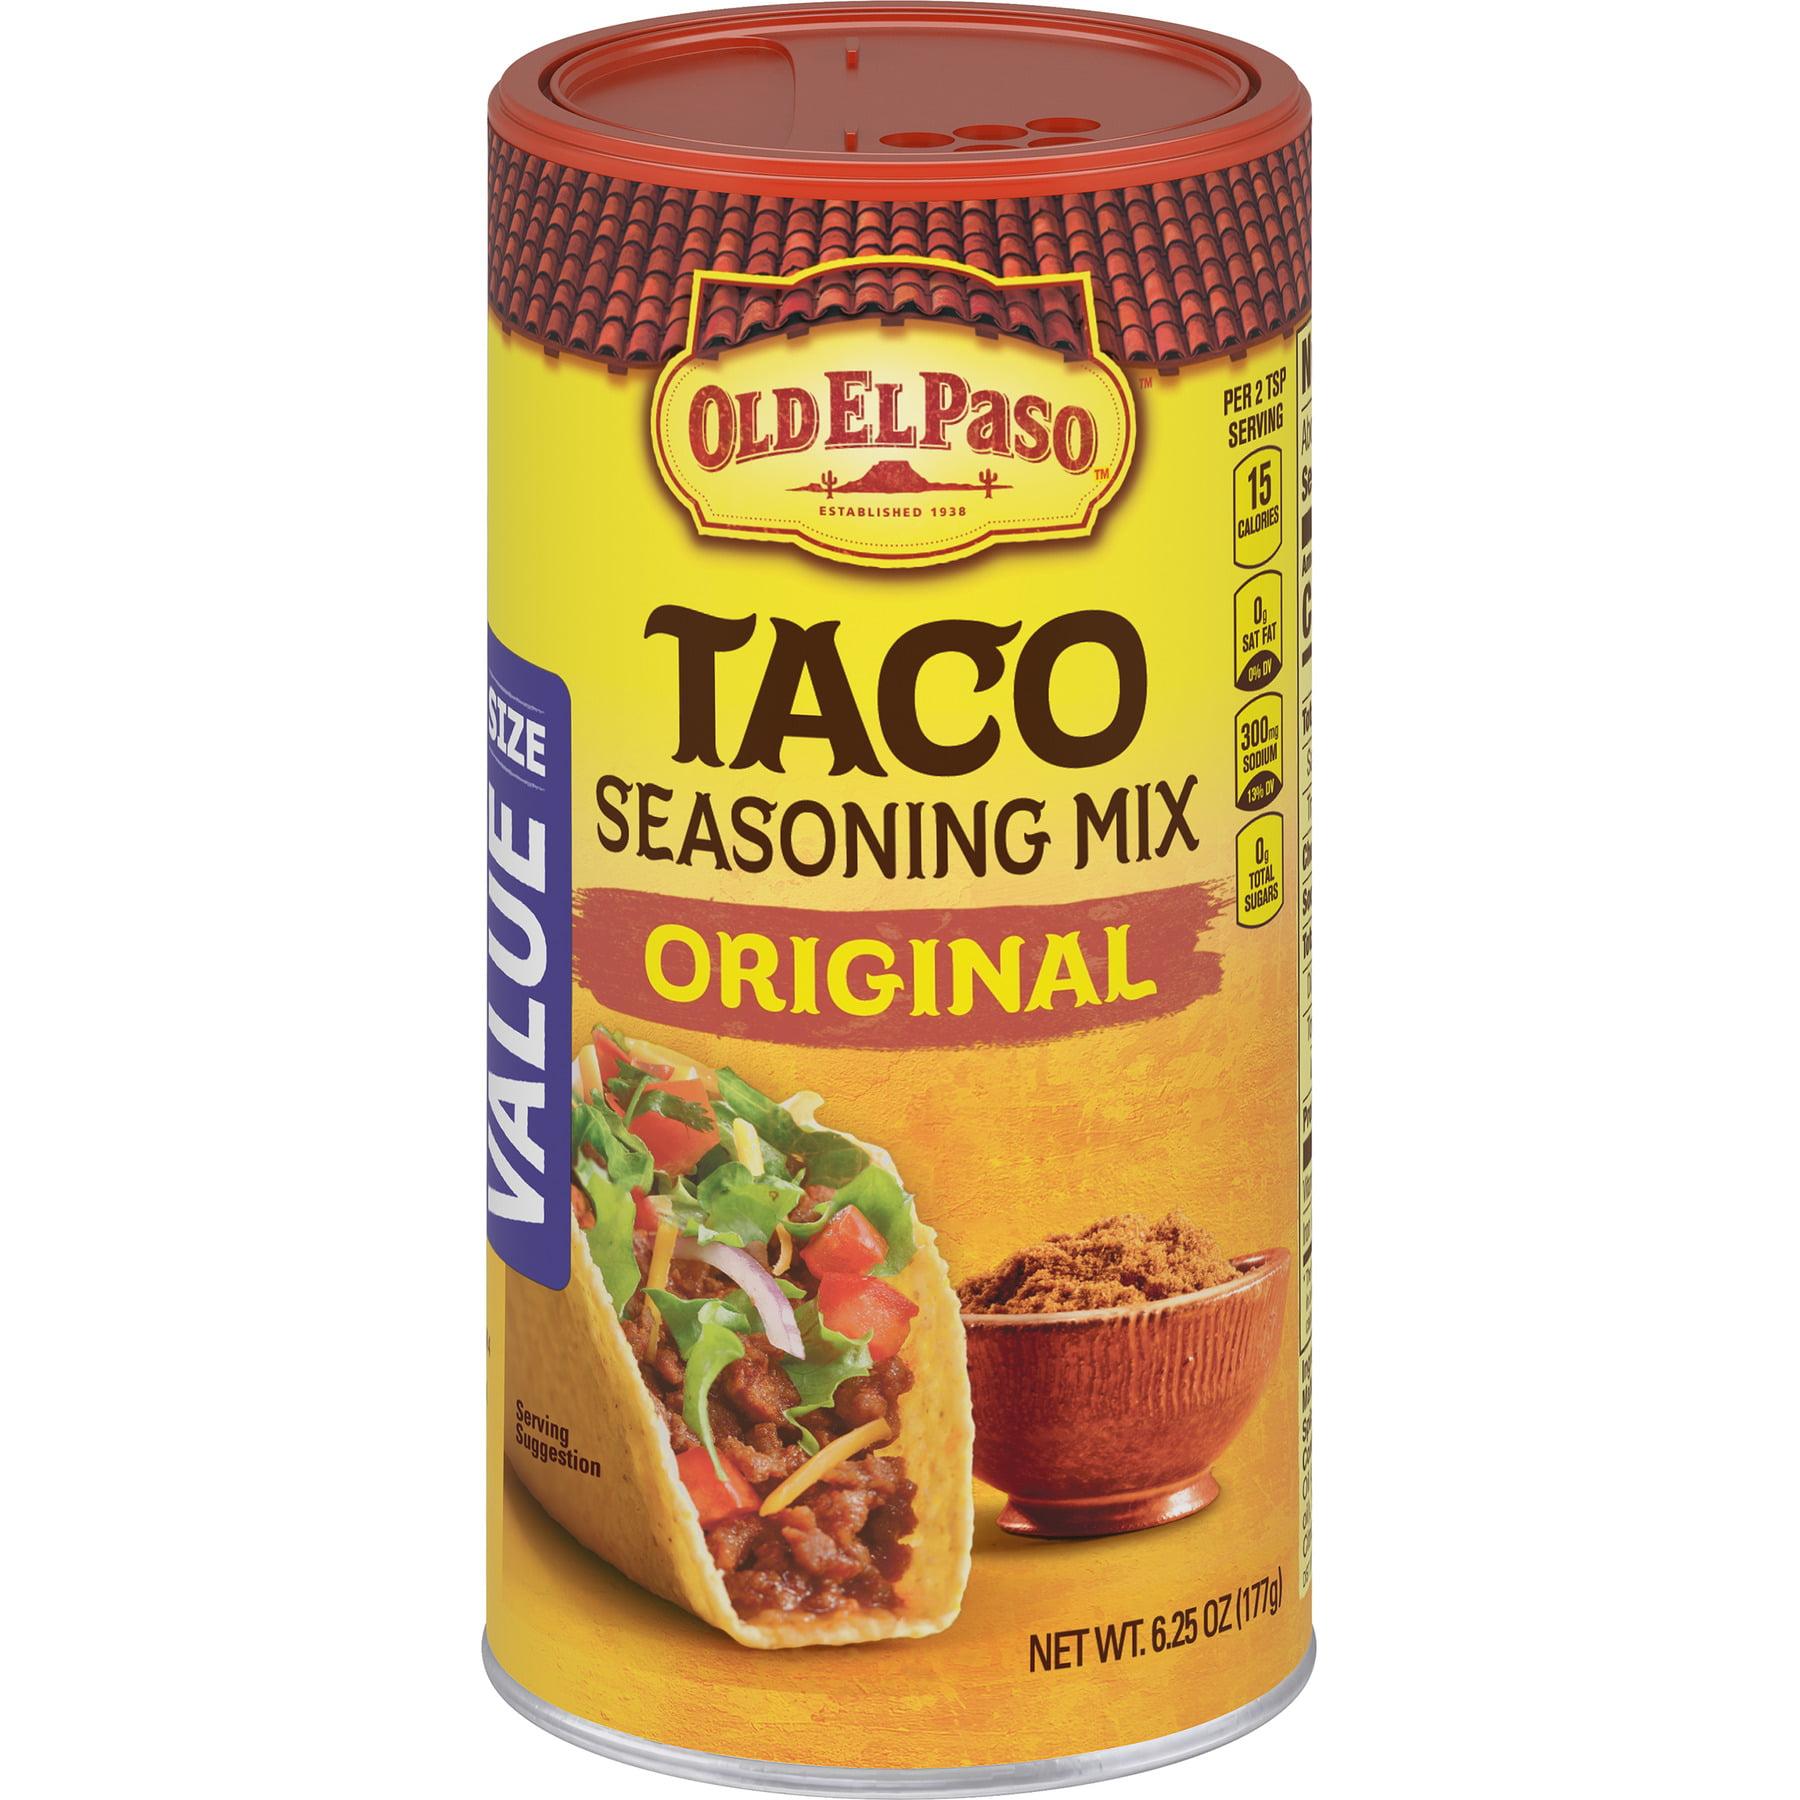 Old El Paso Taco Original Seasoning Mix, Value Size, 6.25 oz